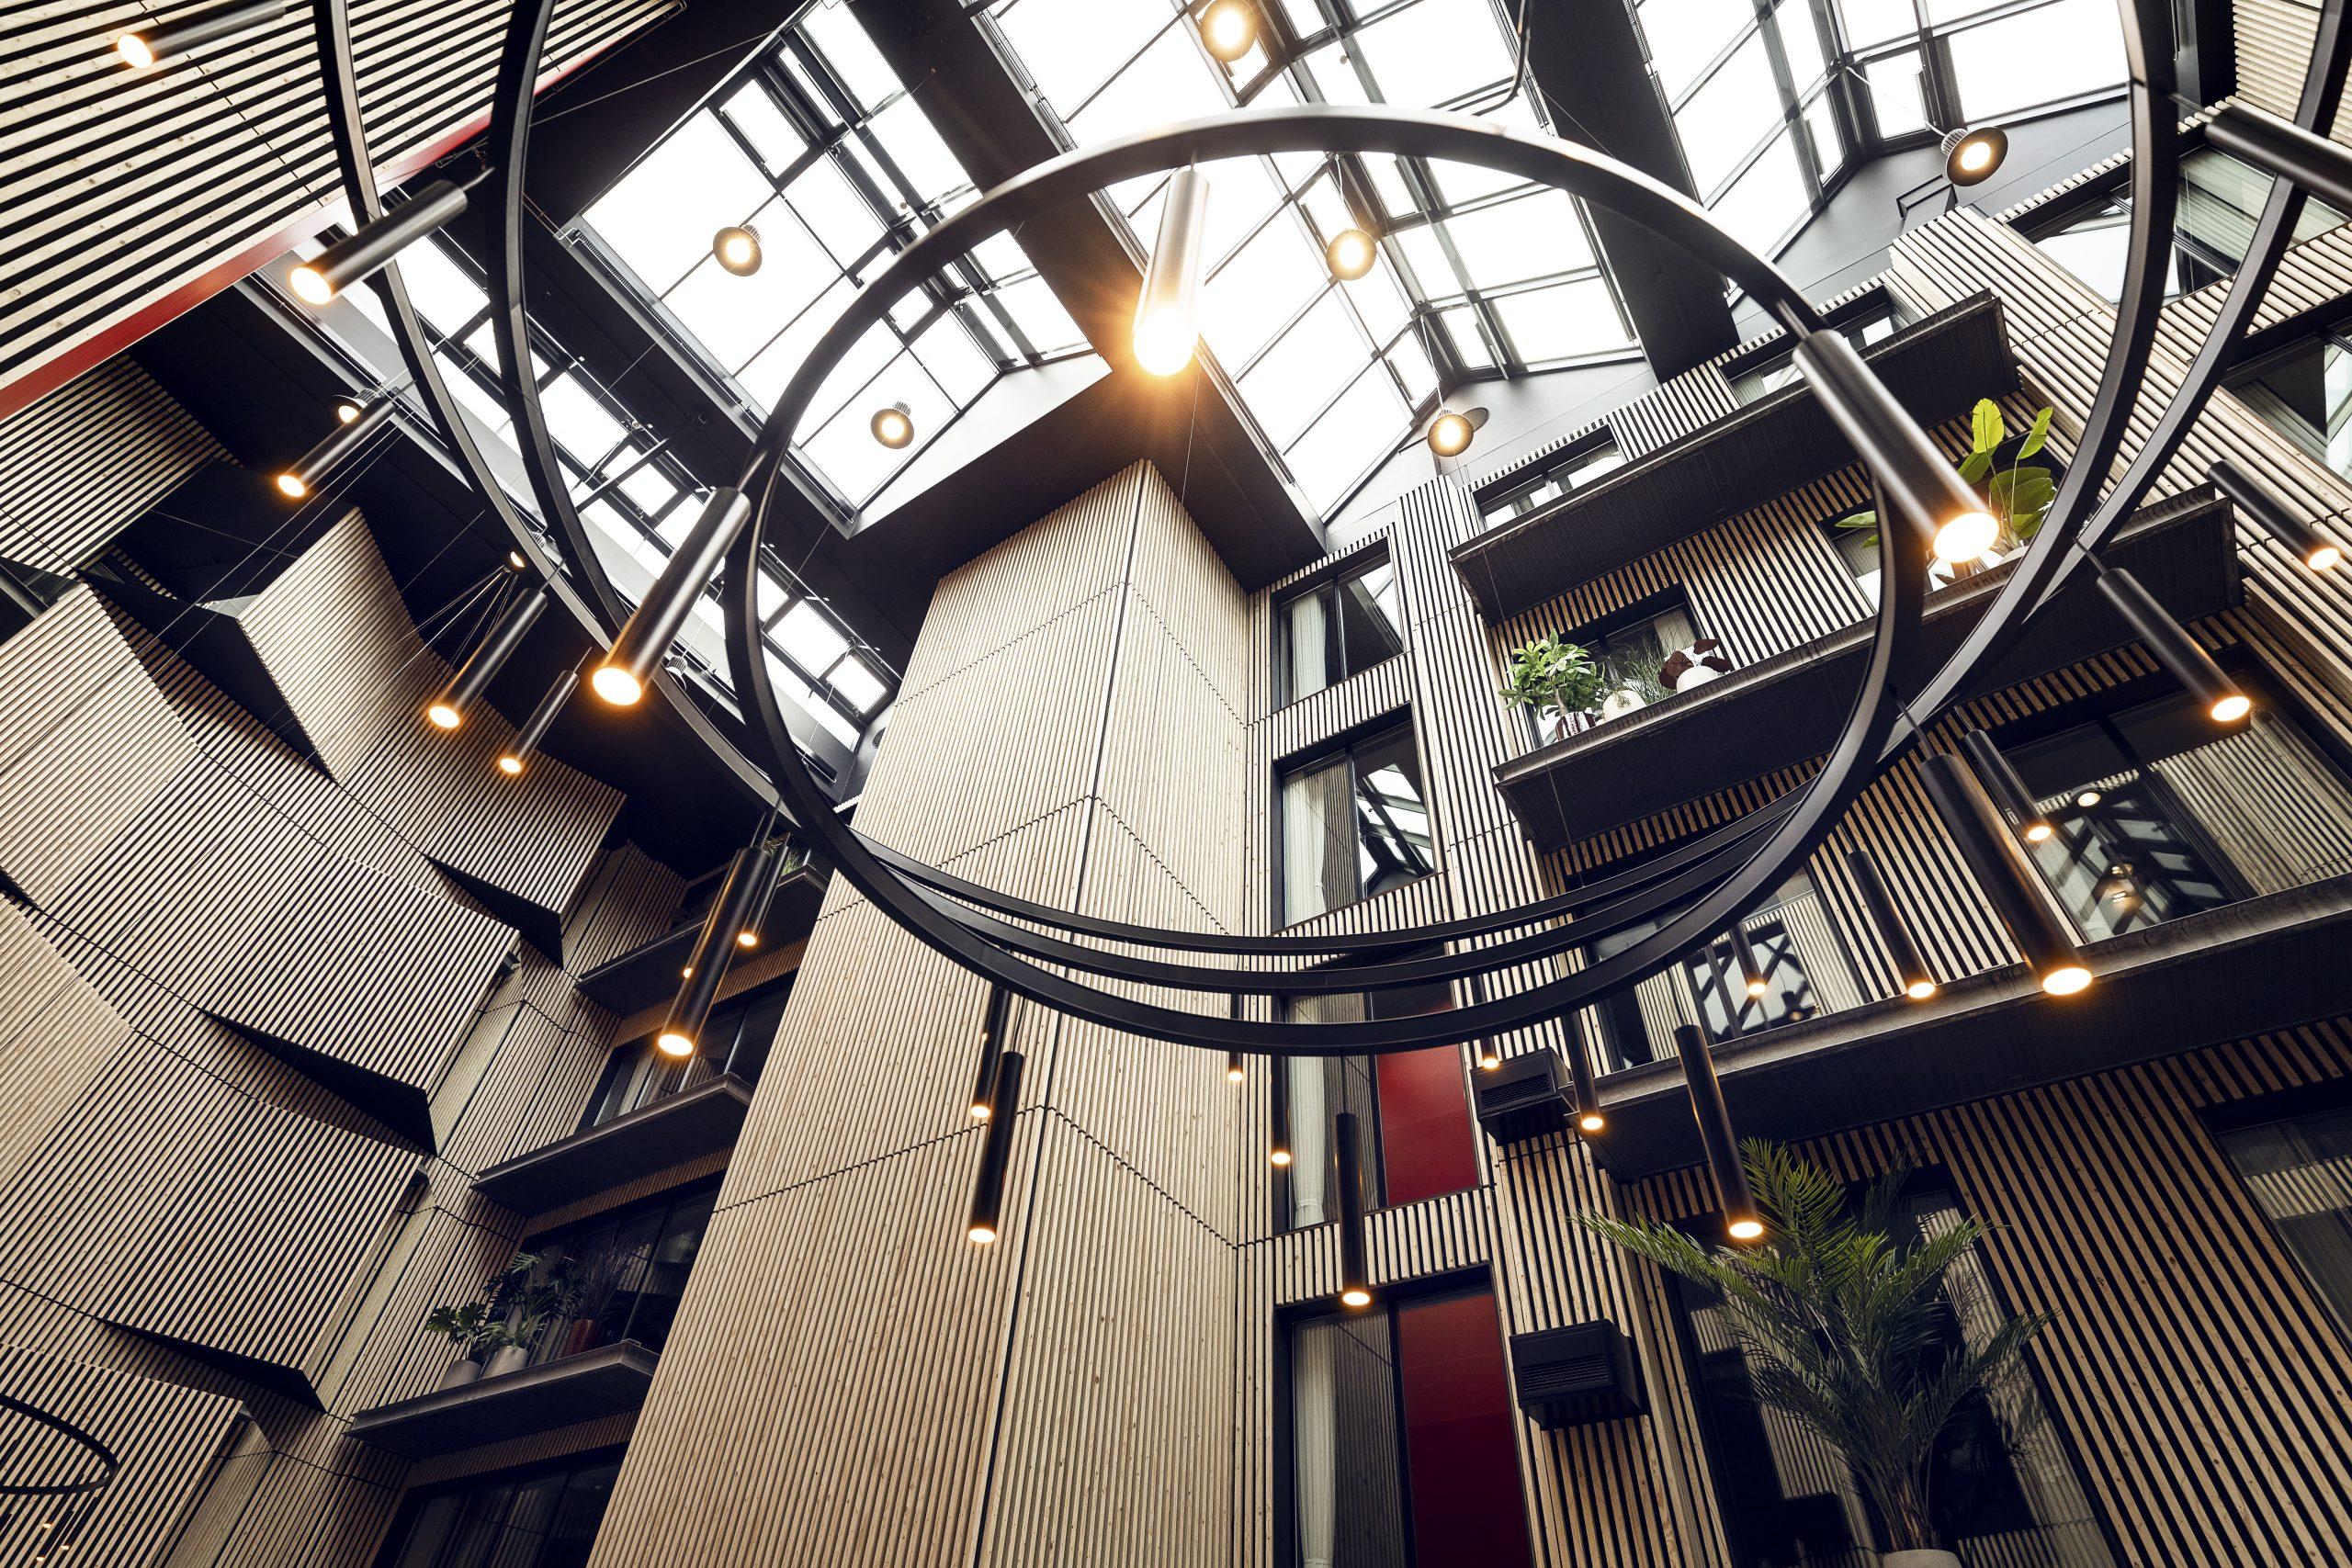 Atriumgården i Radisson RED Aarhus. (Foto: Roar Paaske)